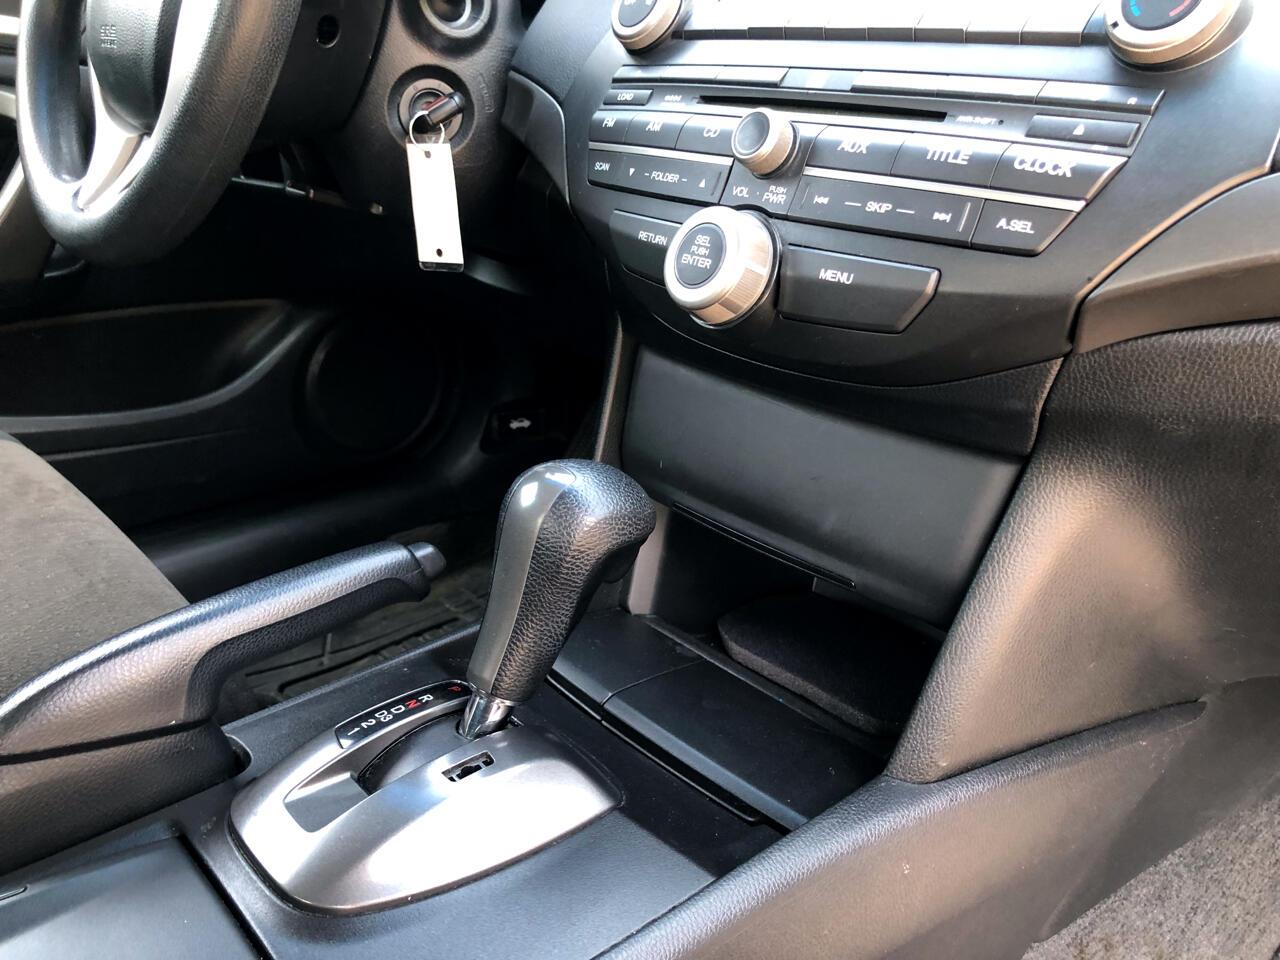 2010 Honda Accord Cpe 2dr I4 Auto LX-S